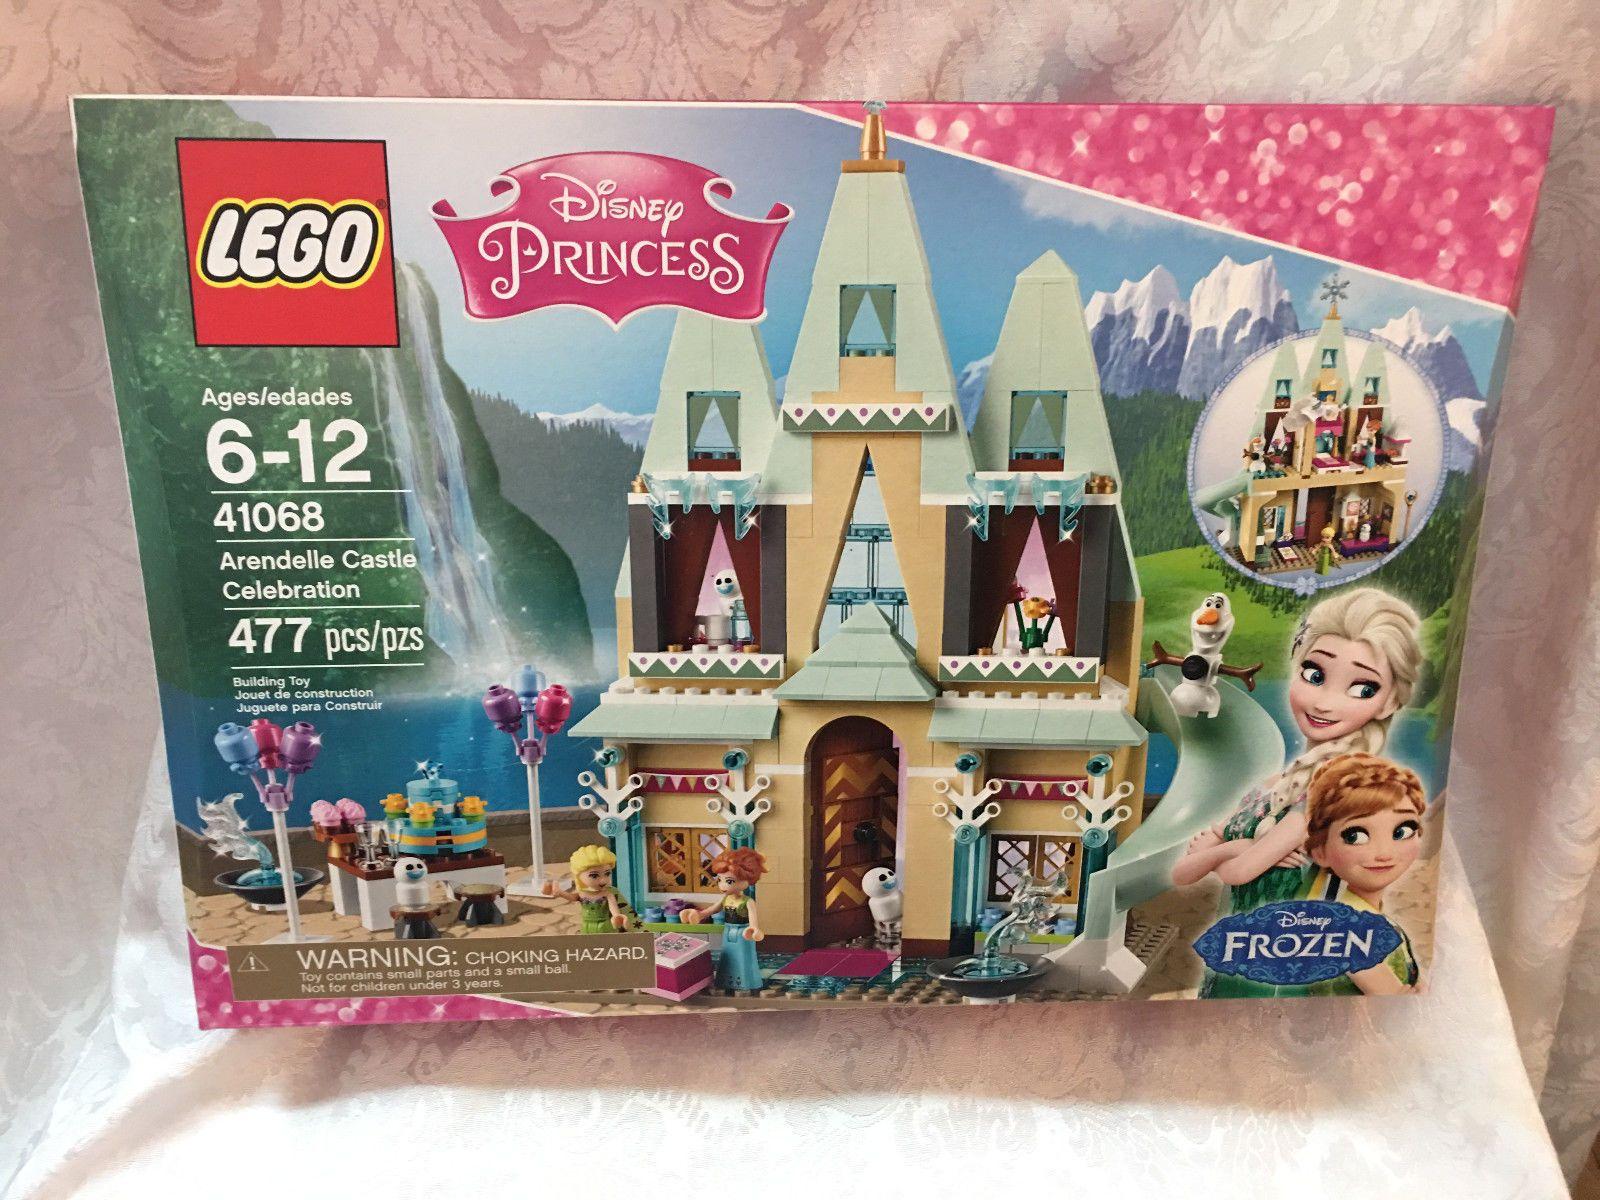 Disney Princess 41068 ARENDELLE CASTLE CELEBRATION Frozen 477 Pieces New In Box!